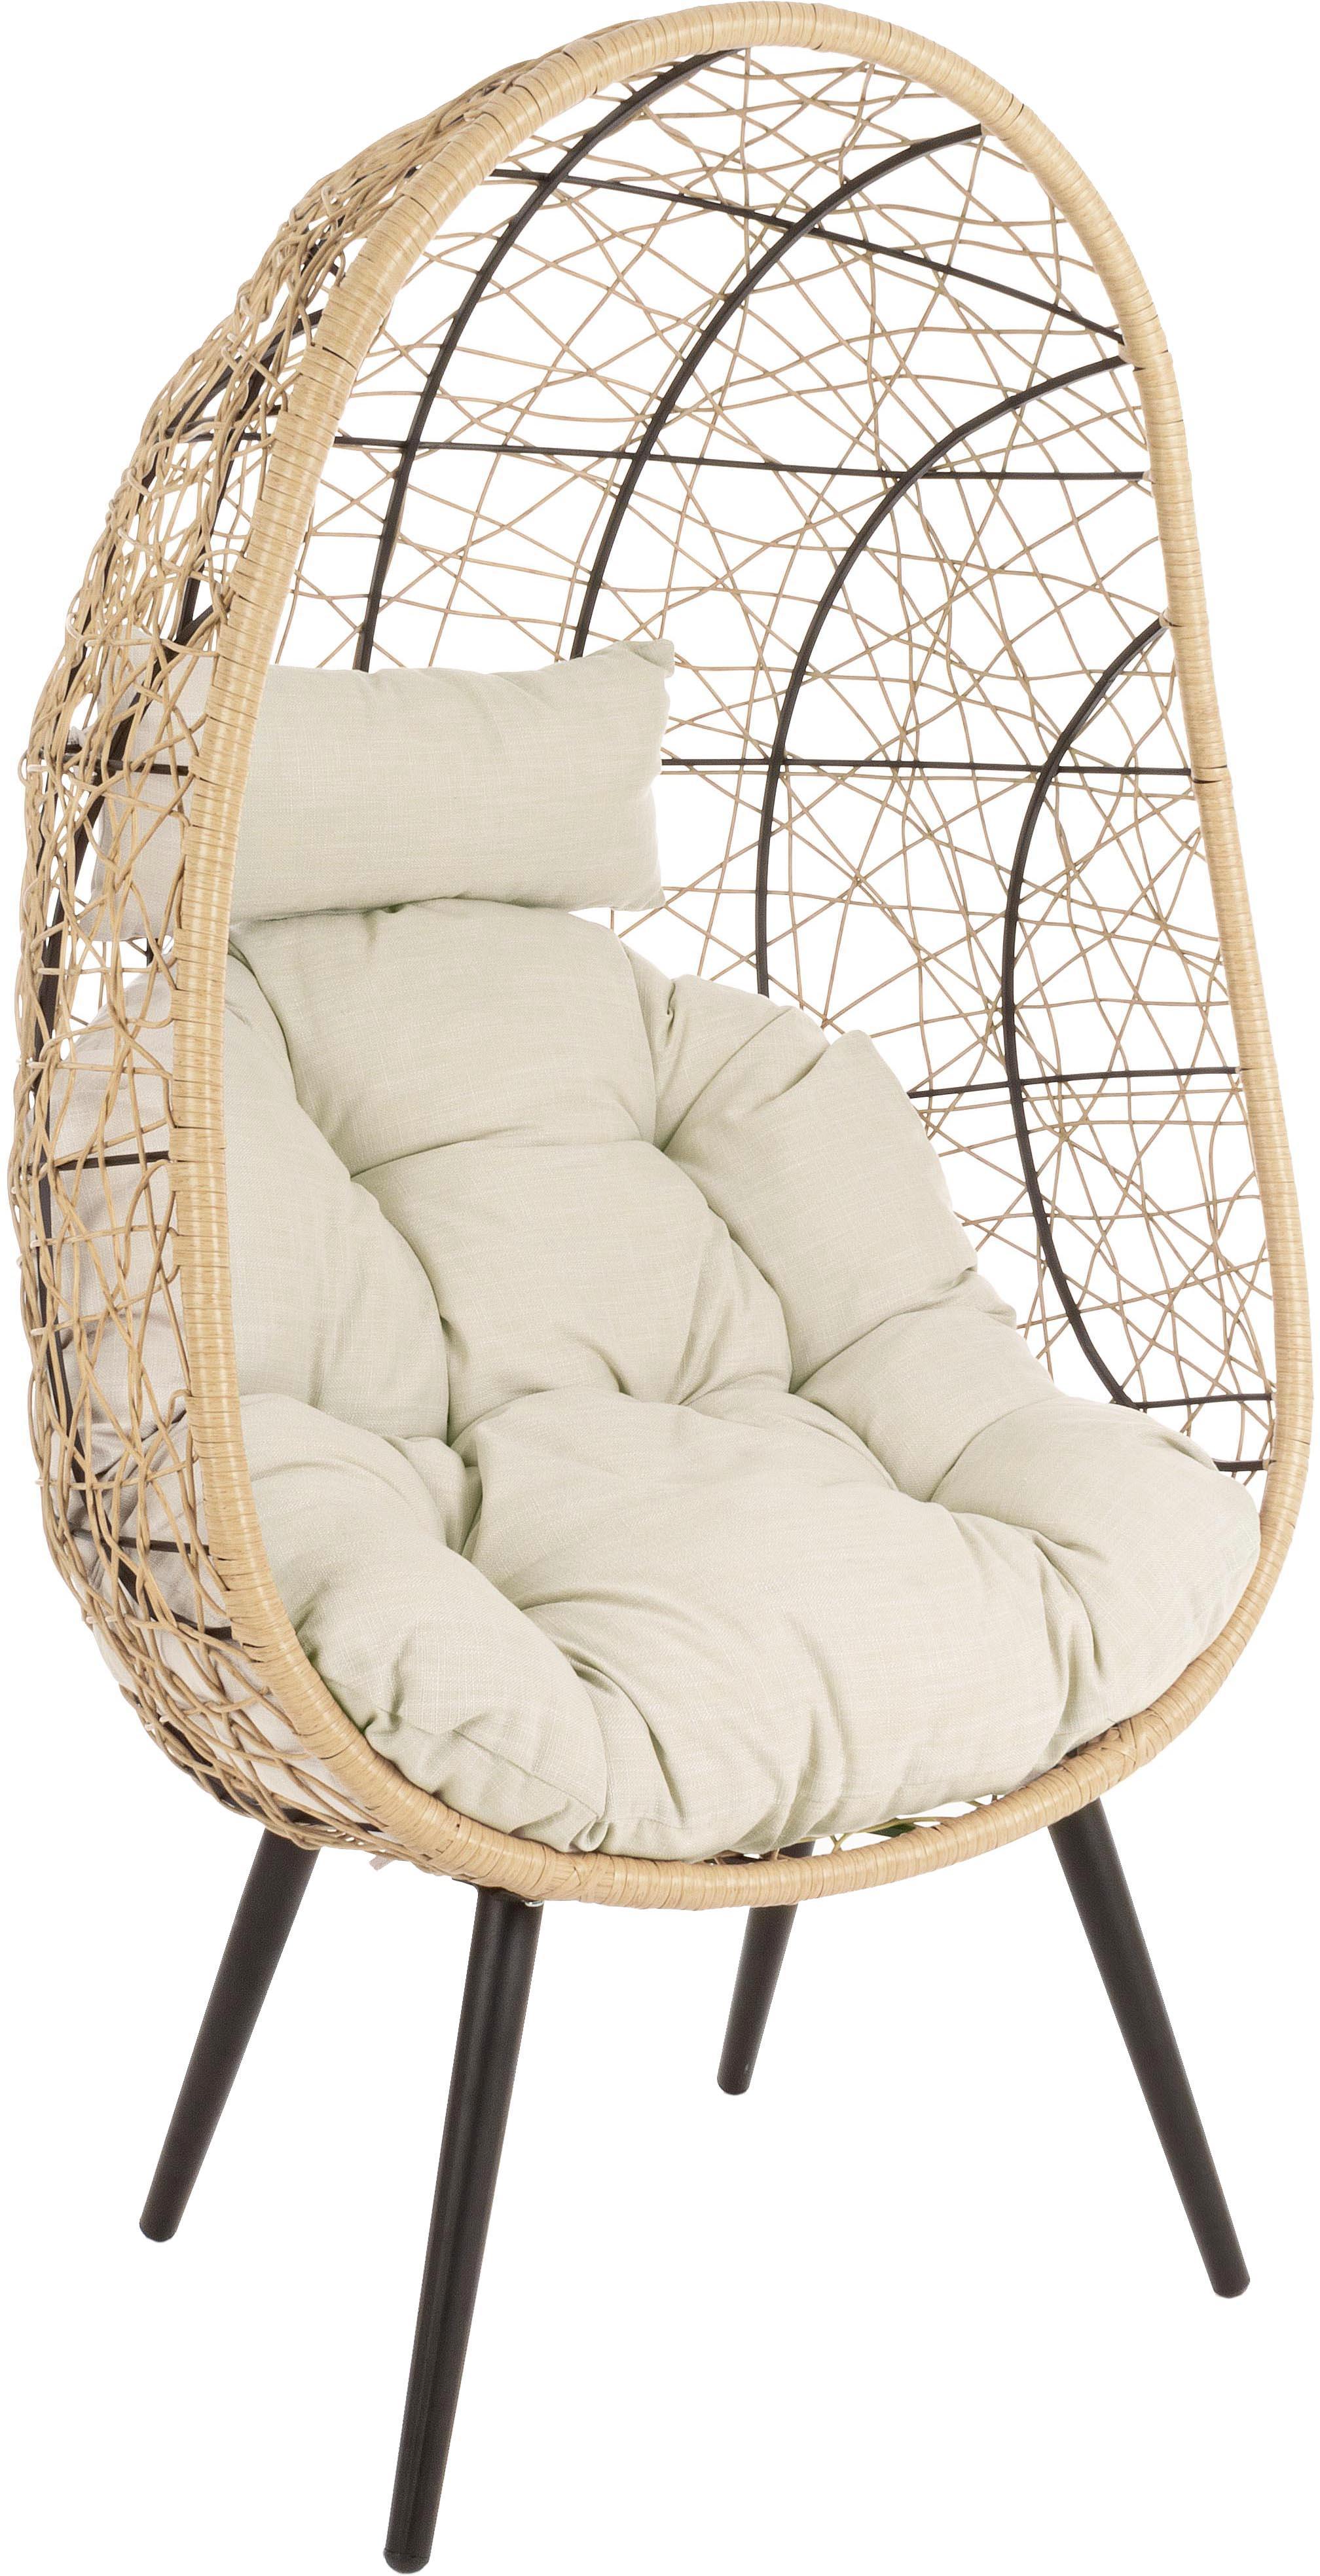 Outdoor fauteuil Marley, Frame: gepoedercoat aluminium, Zitvlak: synthetische vezels, Bekleding: polyester, Beige, crèmekleurig, zwart, B 87 x D 70 cm